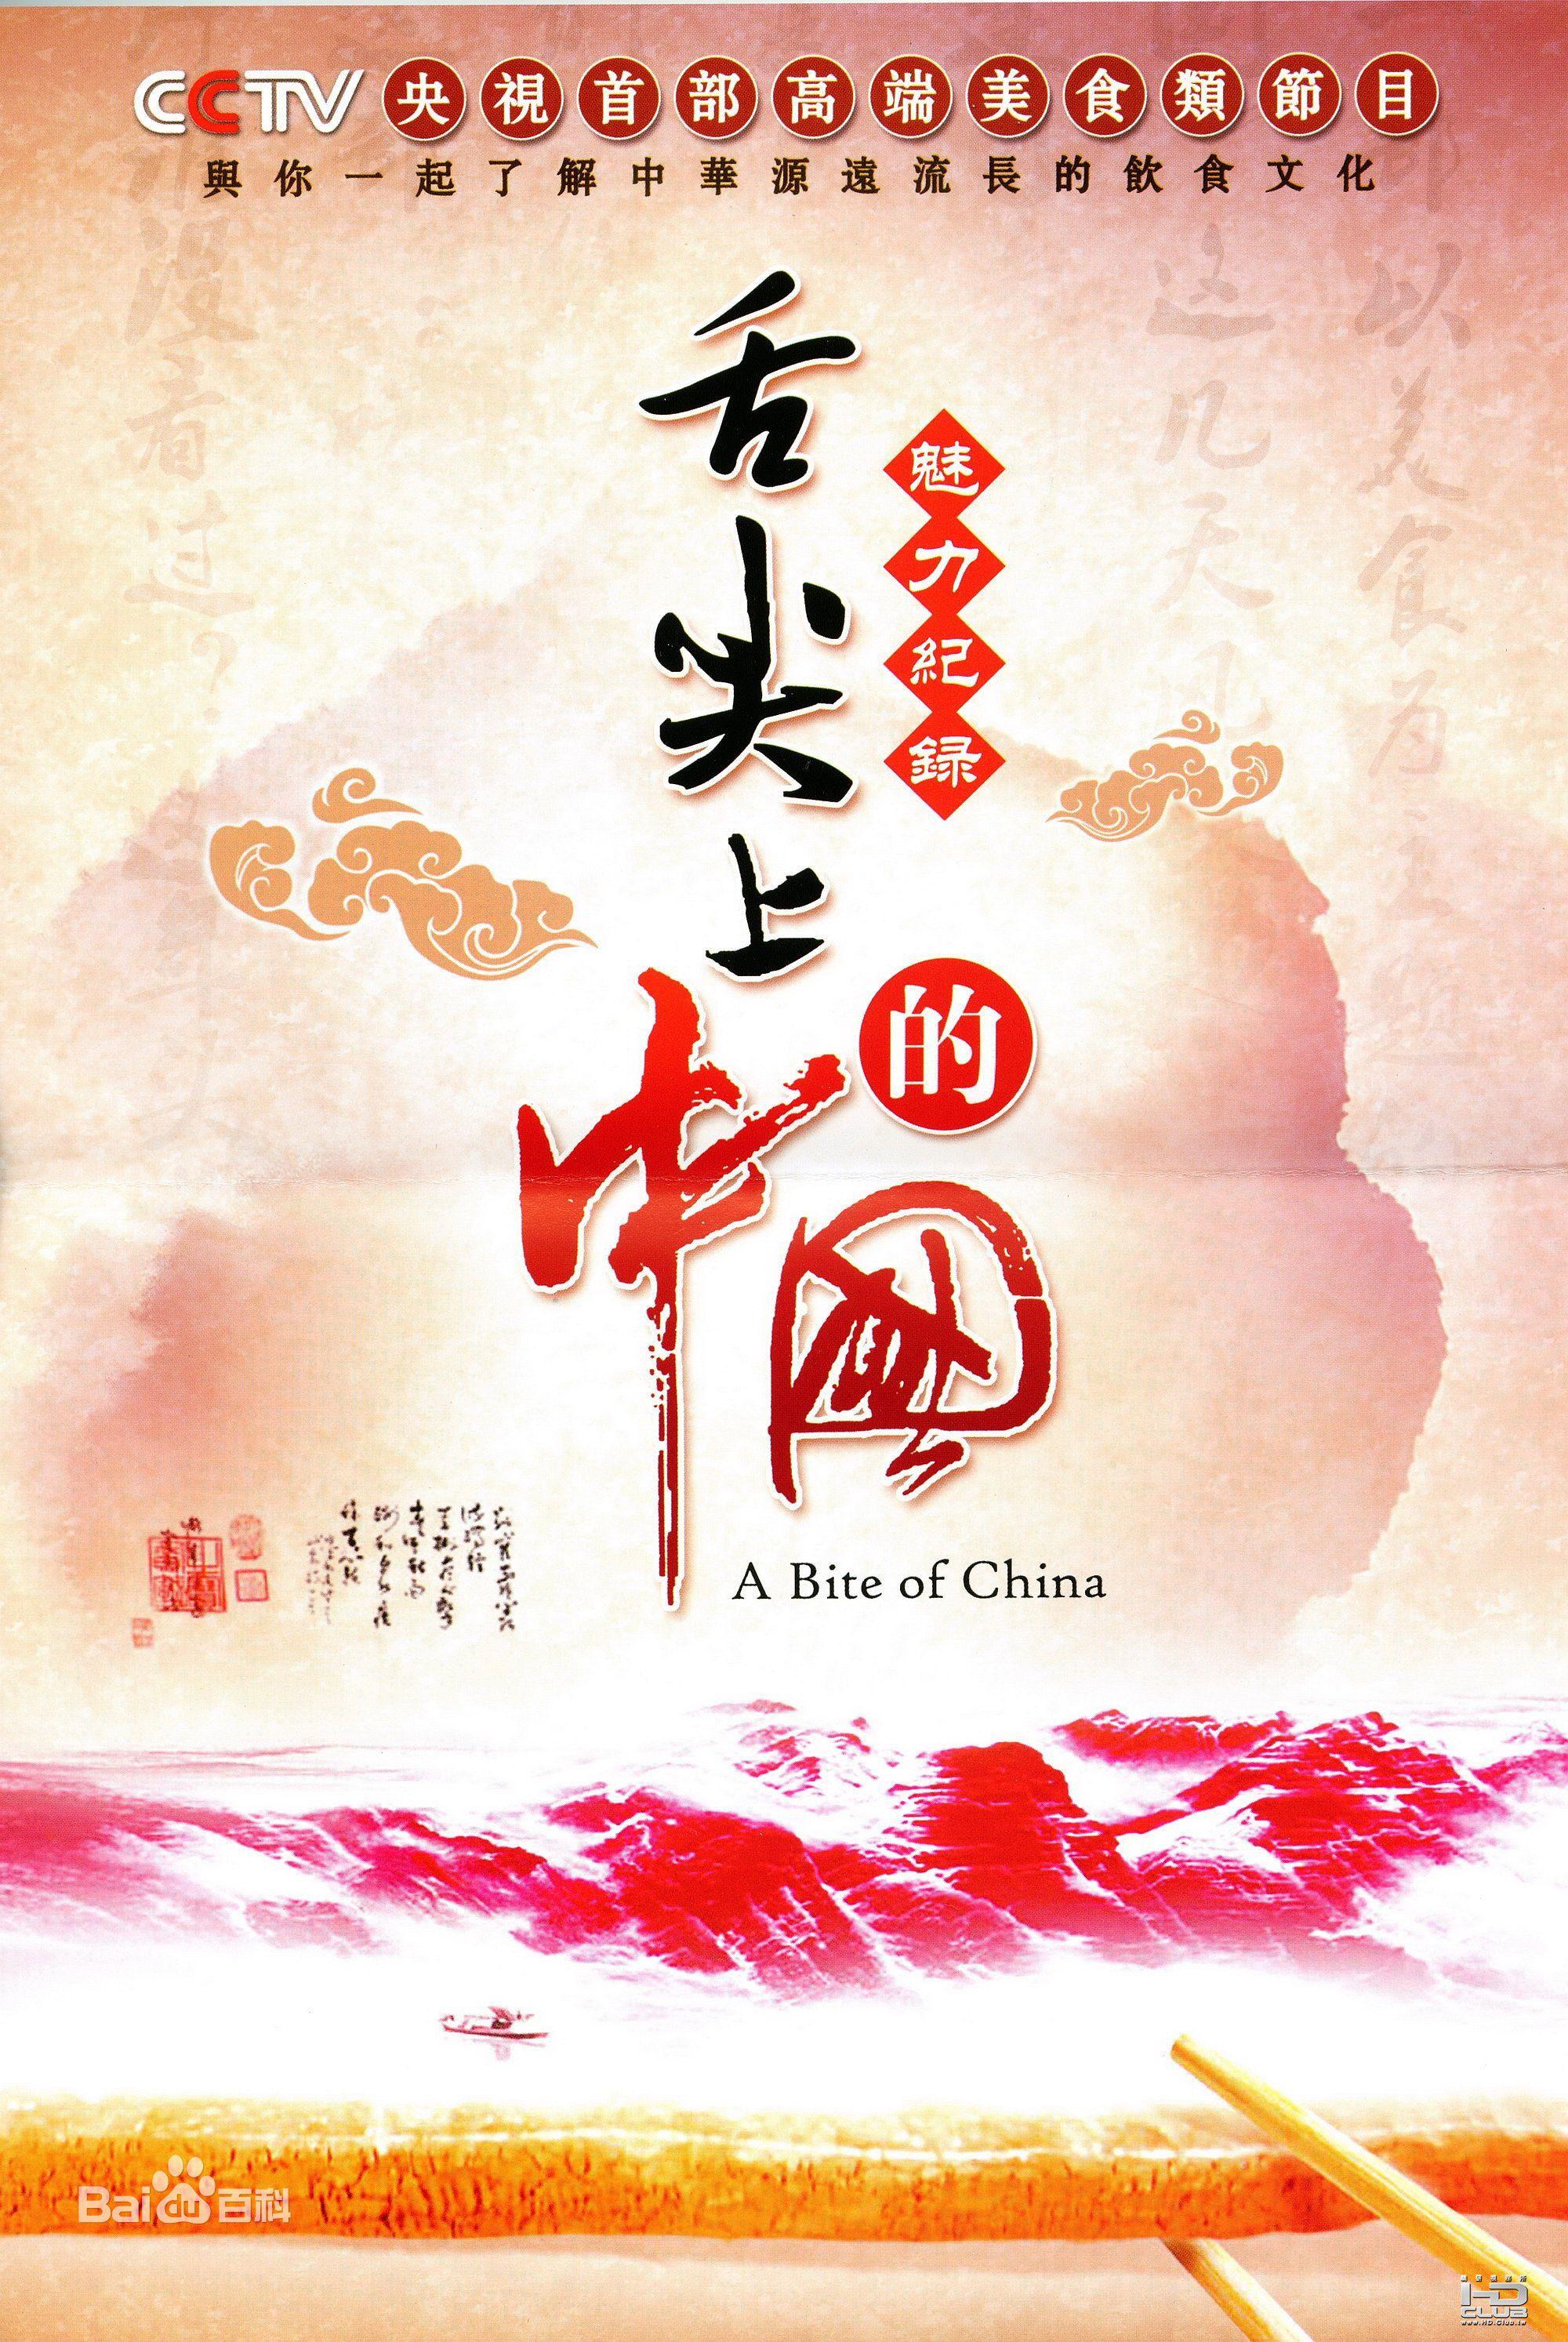 舌尖上的中國 - 中央電視臺紀錄頻道 (語文) (封面)